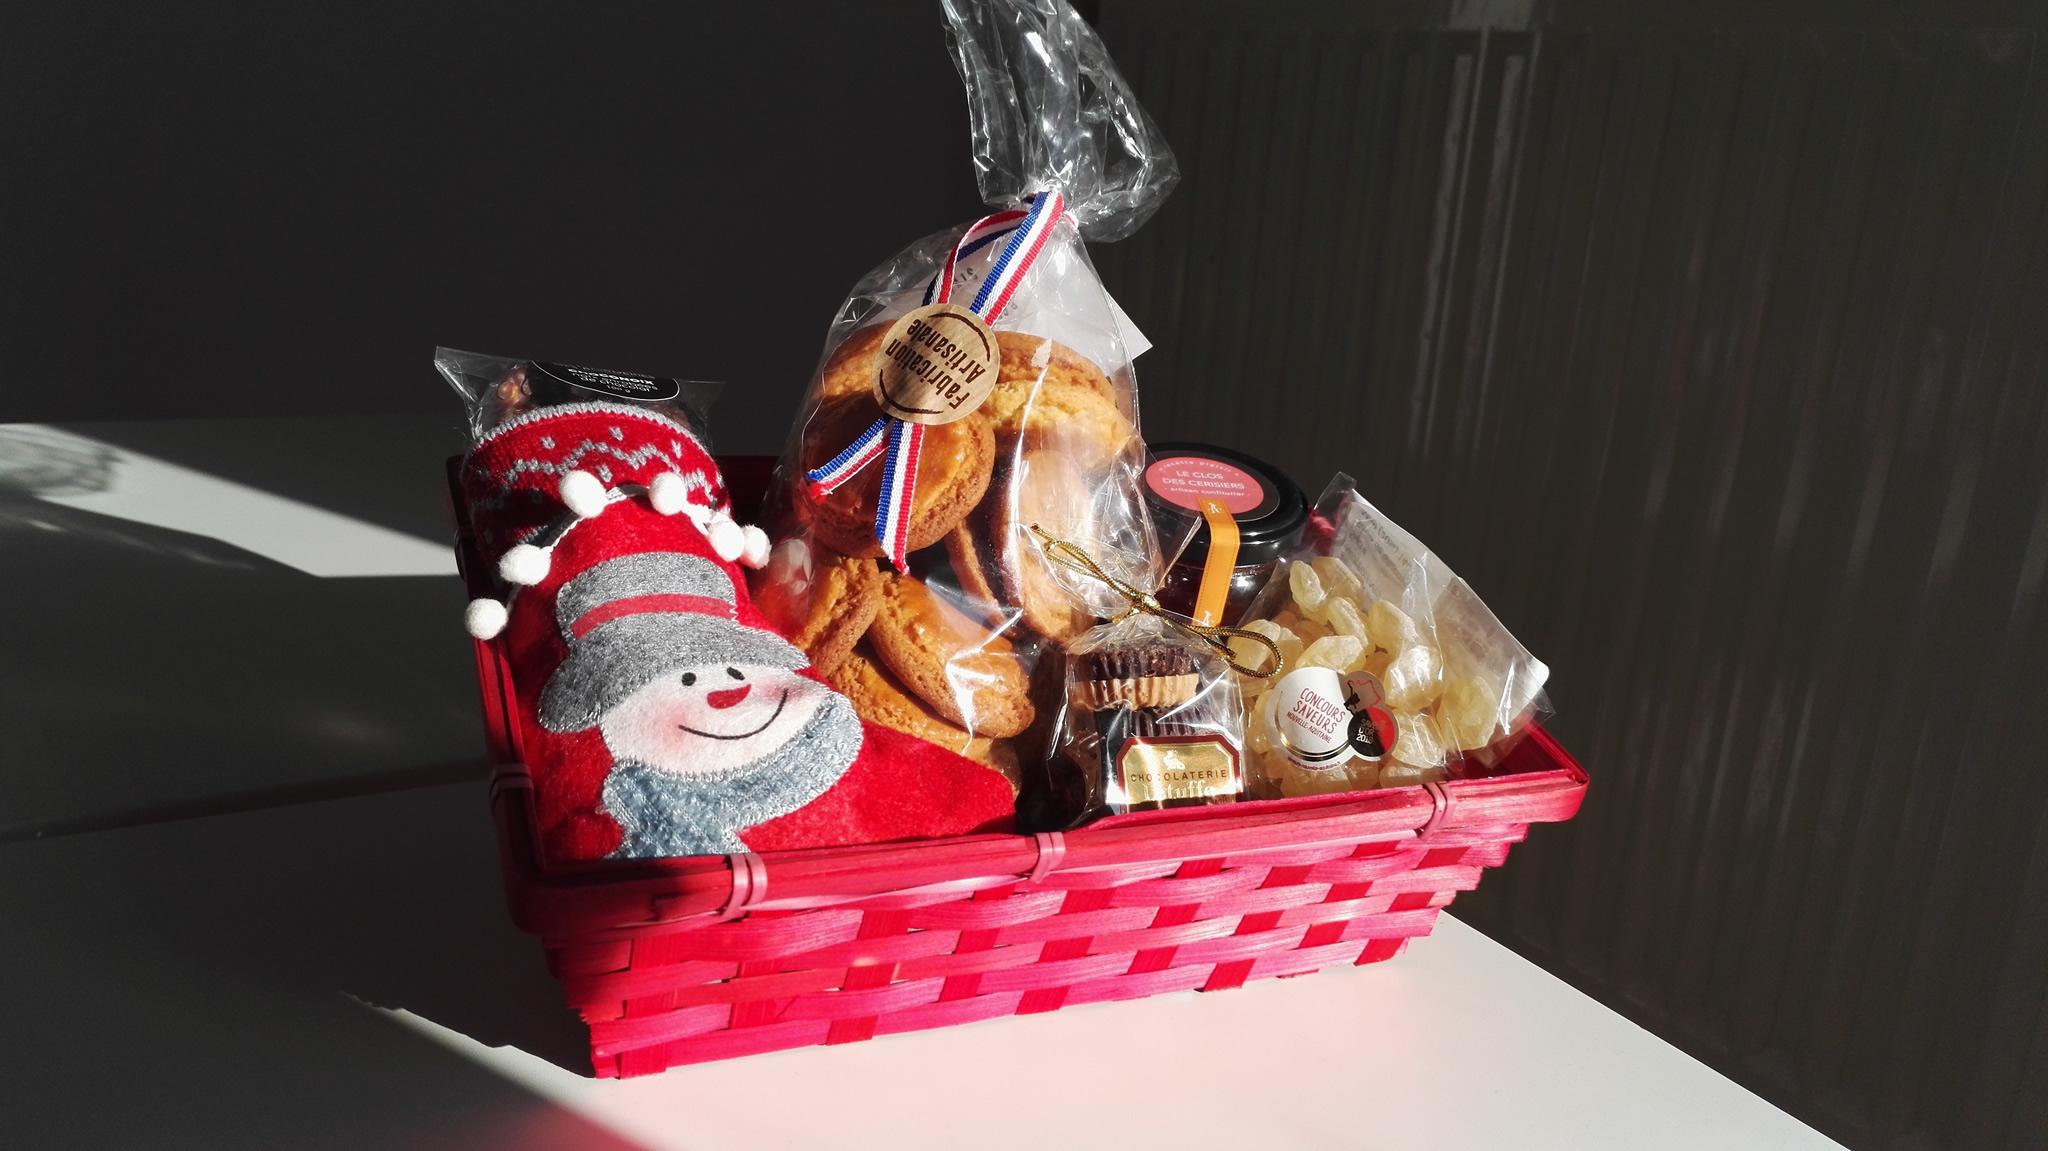 Un panier de douceurs, chocolat, biscuits, confitures, bonbons au miel à la boutique de Myriam